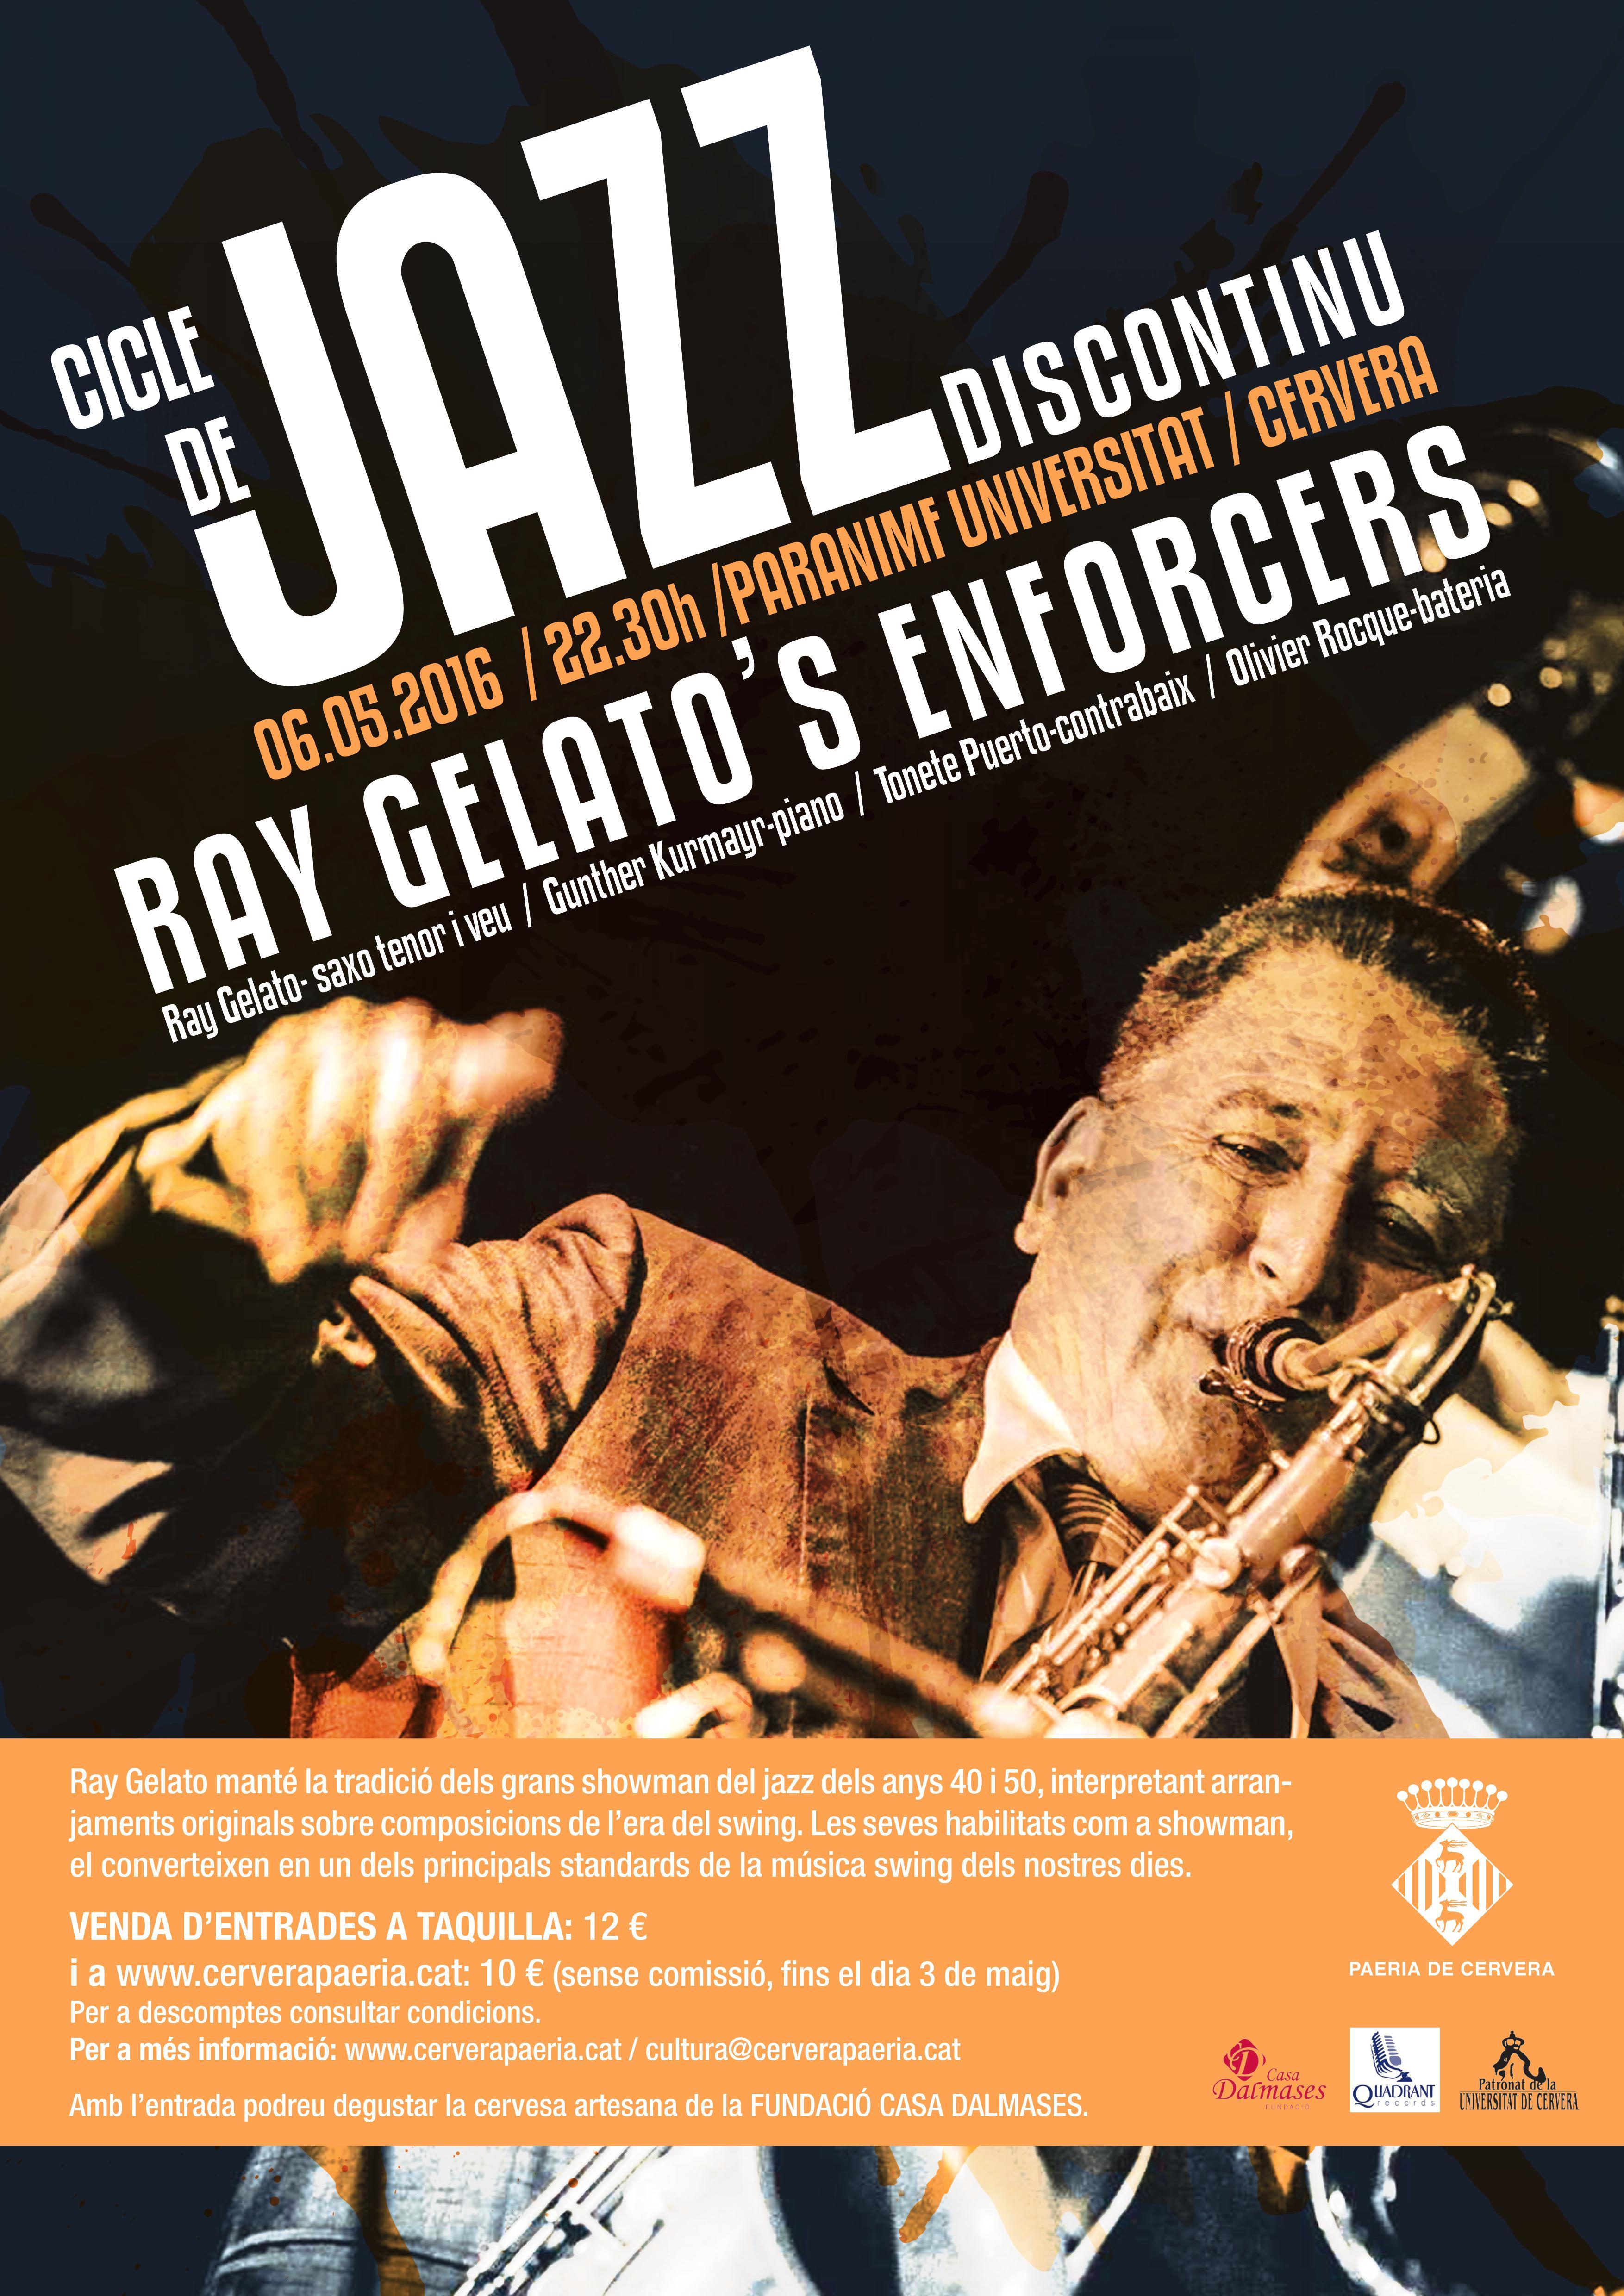 cartell Concert de Jazz Ray Gelato's Enforcers